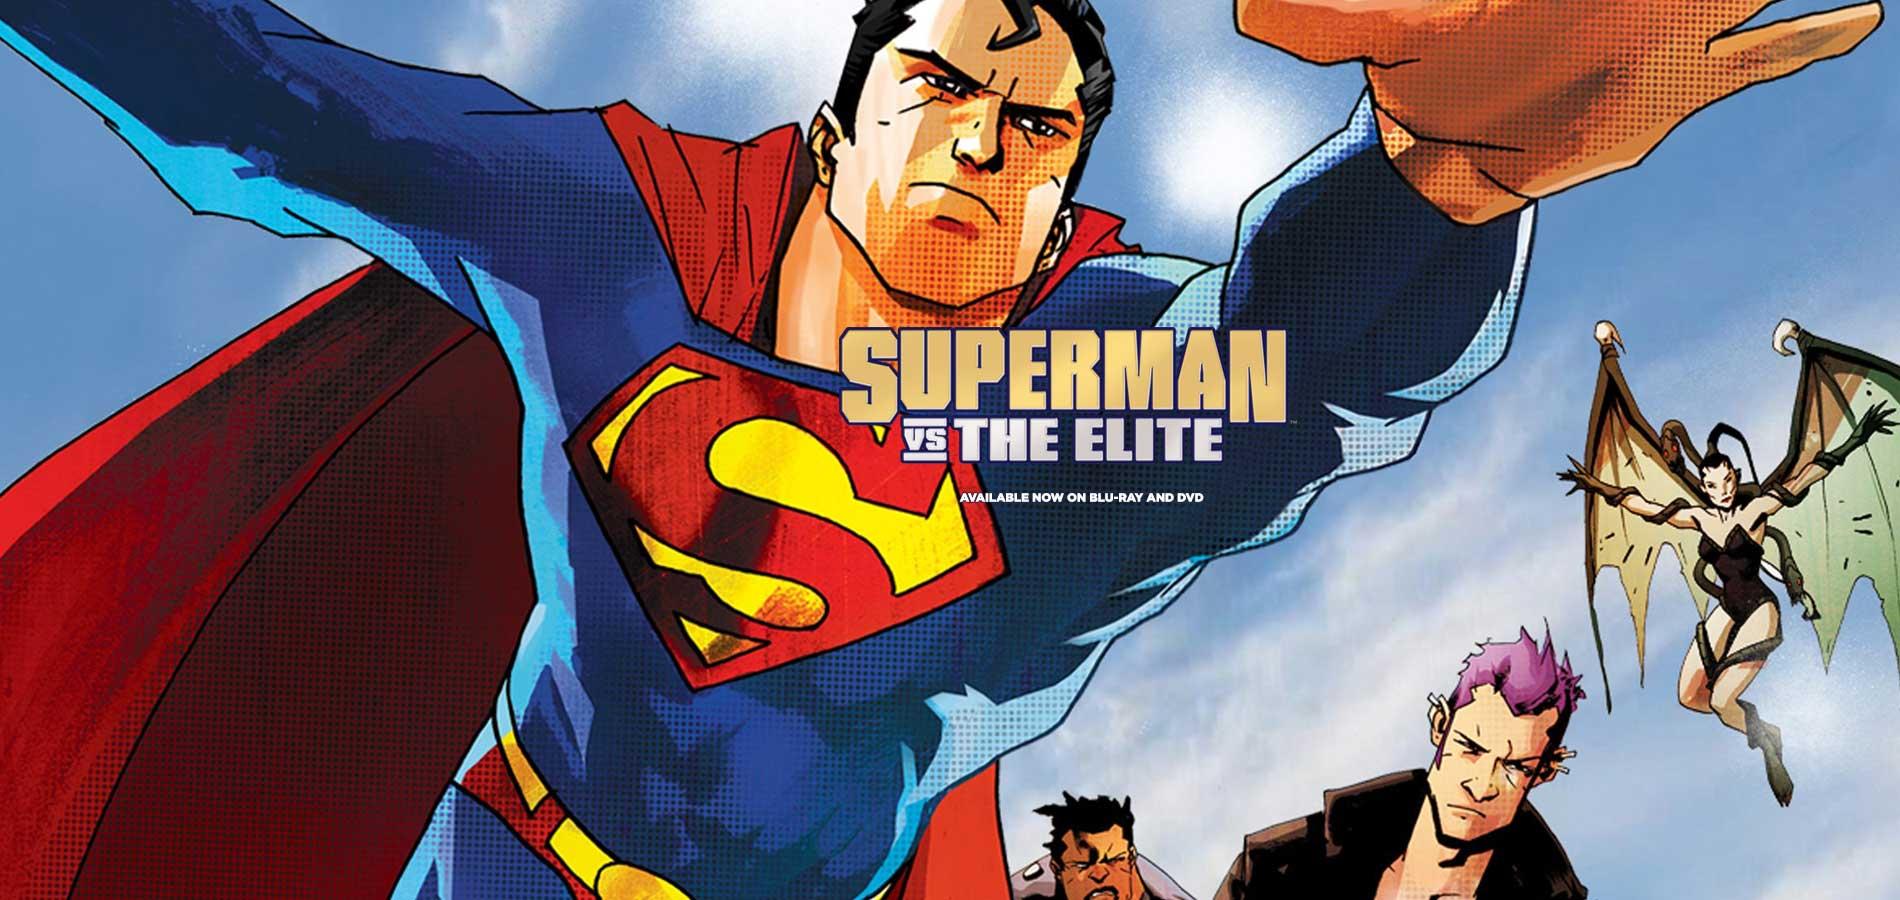 Superman Vs. The Elite Backgrounds, Compatible - PC, Mobile, Gadgets| 1900x900 px